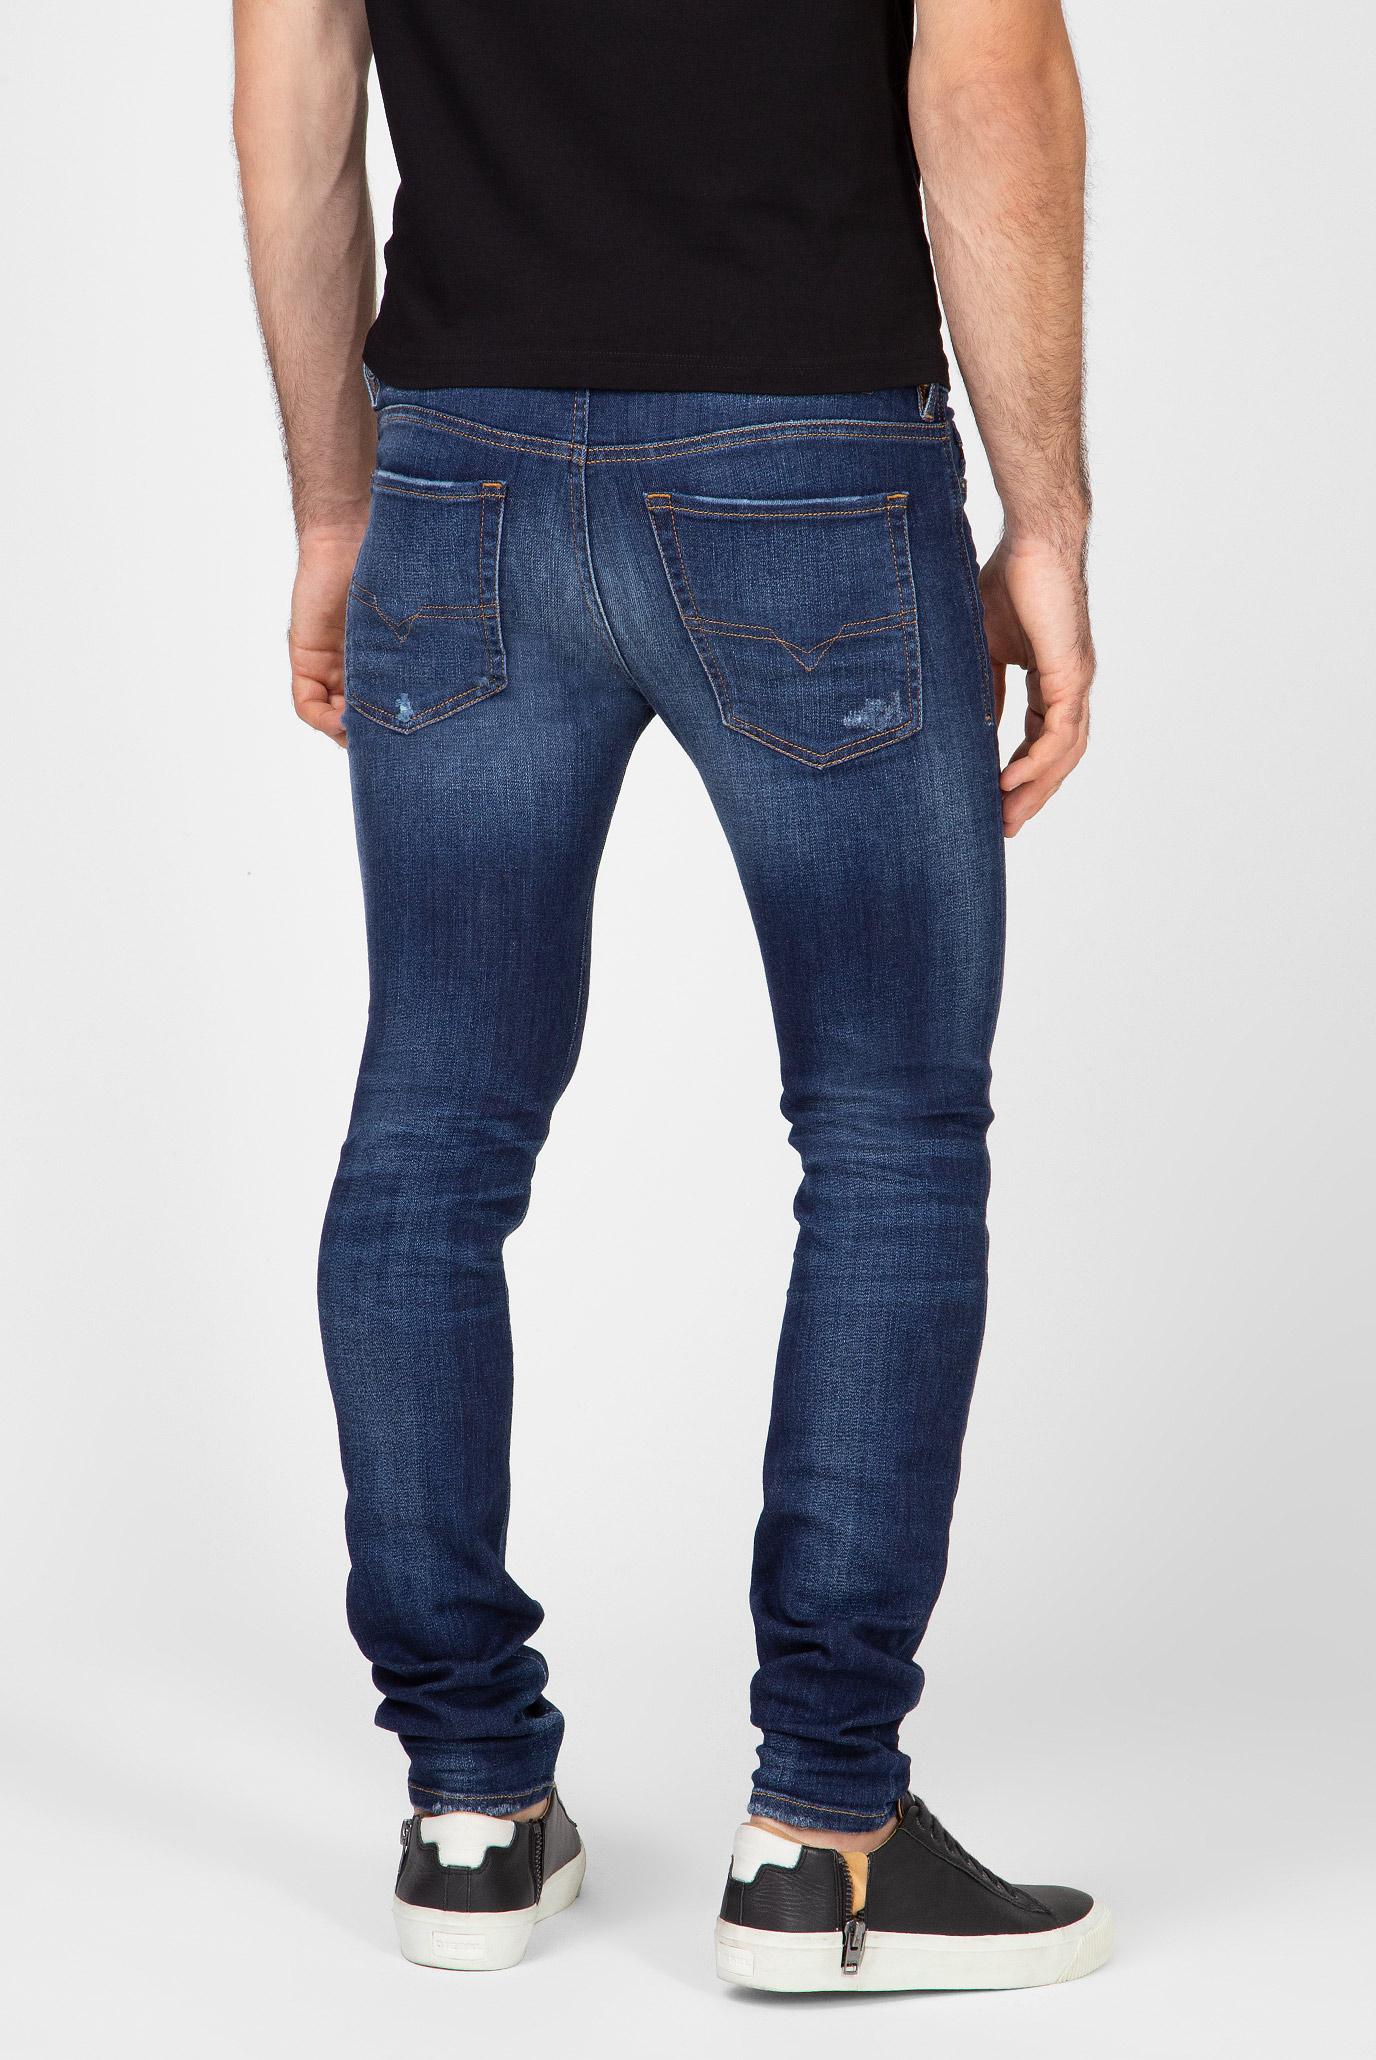 Купить Мужские синие джинсы SLEENKER-X Diesel Diesel 00SWJF 084AJ – Киев, Украина. Цены в интернет магазине MD Fashion